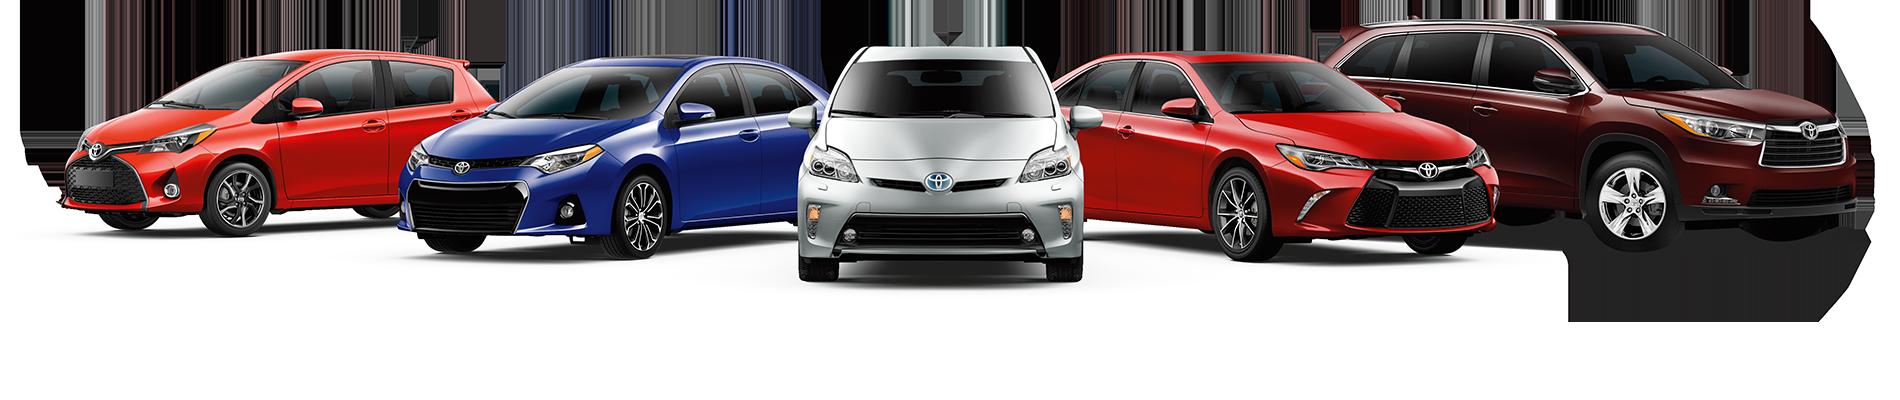 Toyota Rent A Car Santa Rosa Toyota Car Rental At